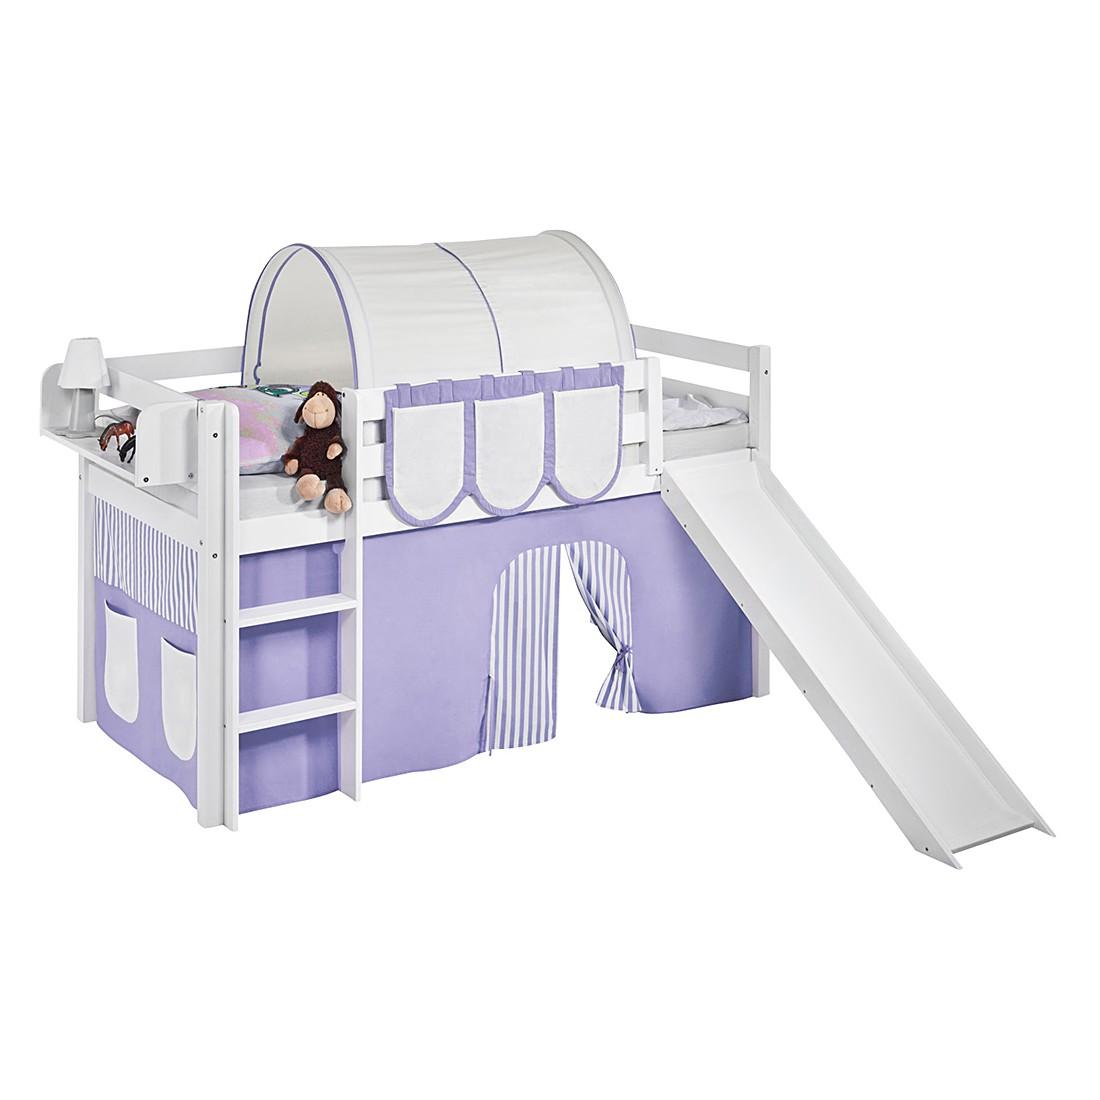 Kinderhochbett mit rutsche maße  Weisses Kinderhochbett Im: Manis h kinderhochbett arn weiß 90 x ...